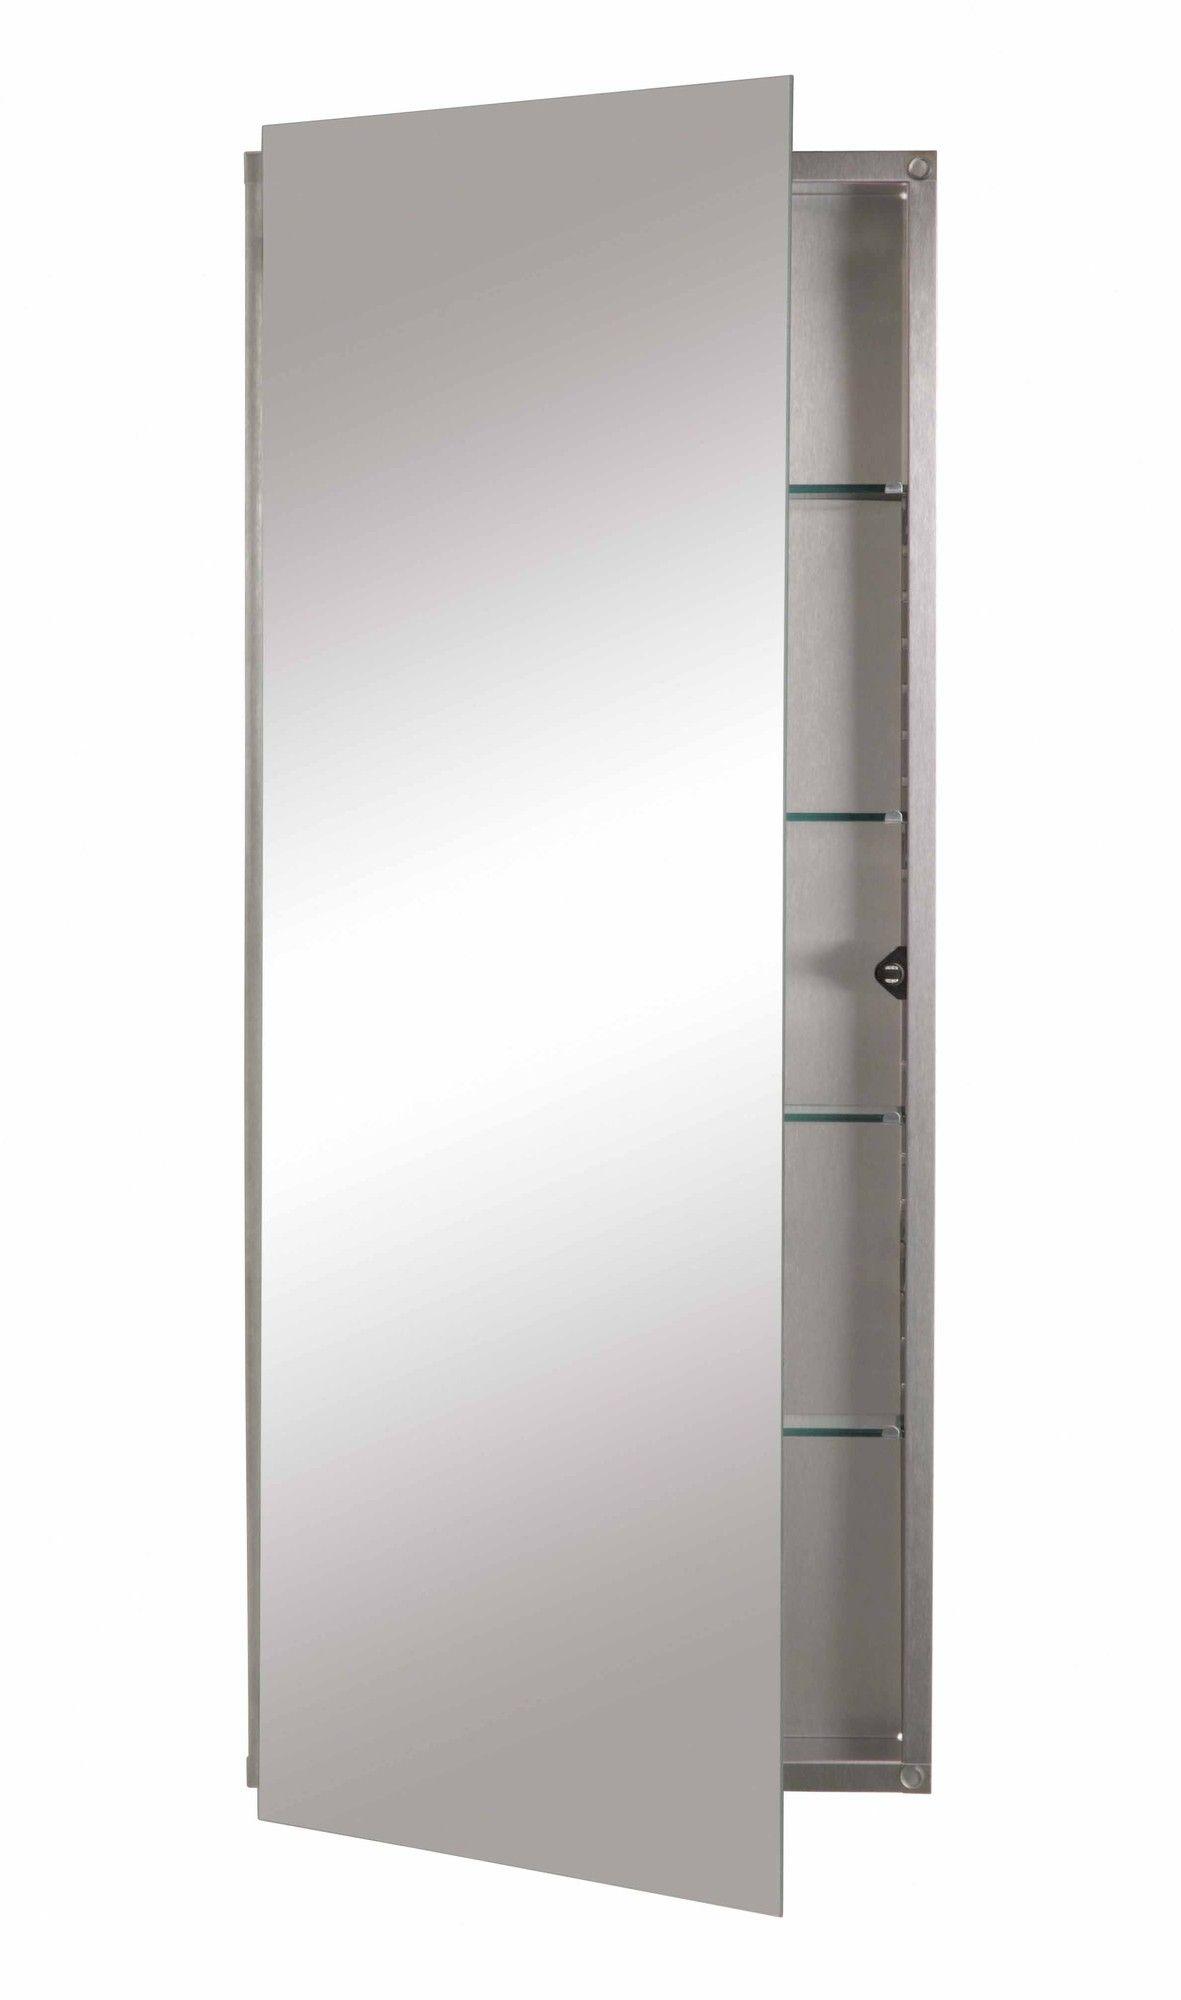 Broan 15 X 36 Recessed Medicine Cabinet Recessed Medicine Cabinet Lighted Medicine Cabinet Bathroom Medicine Cabinet Mirror